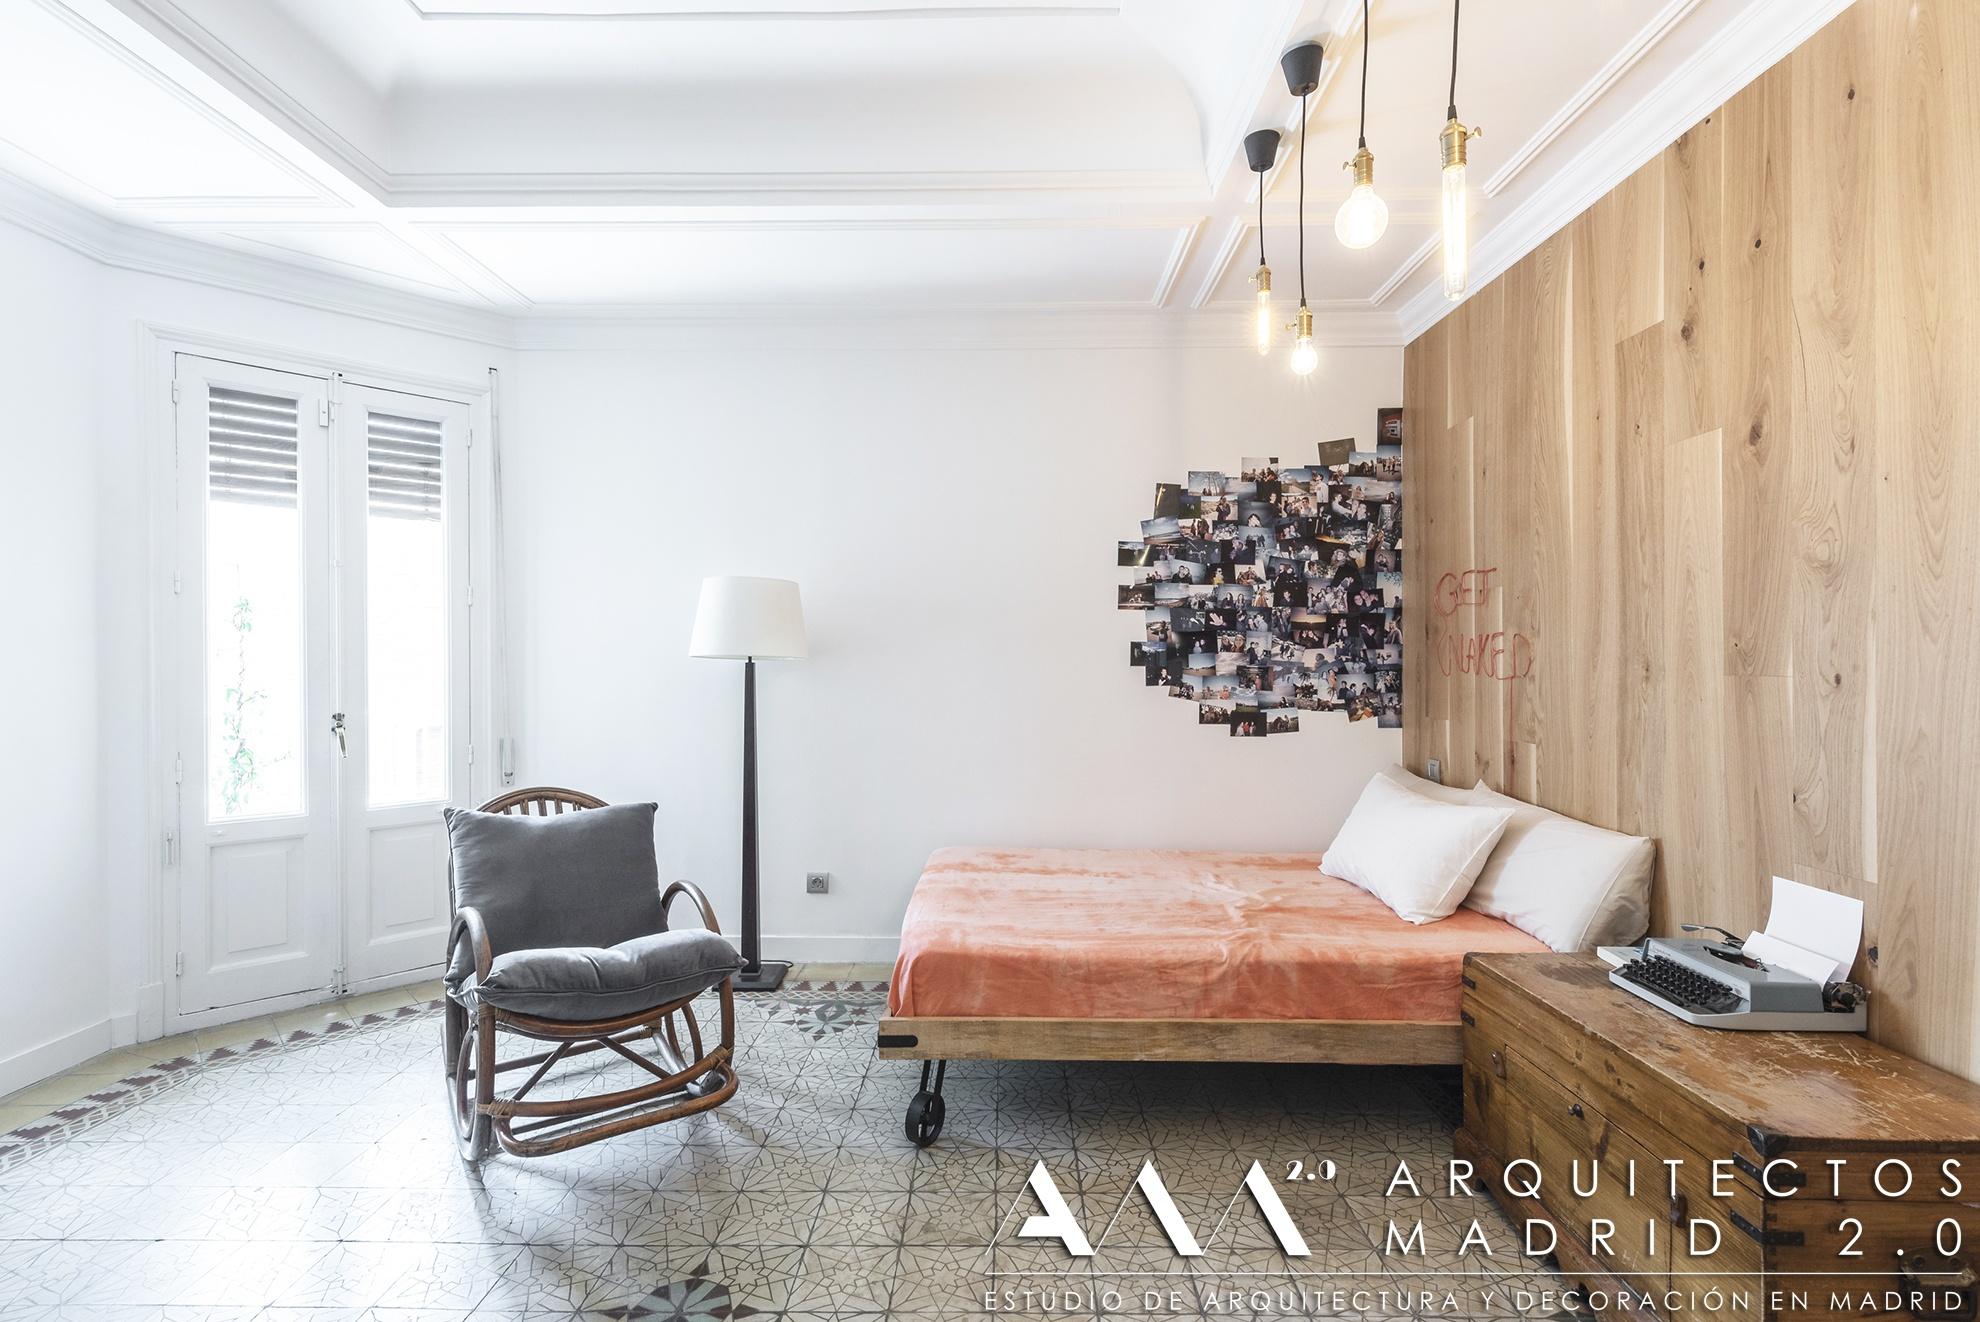 reforma-proyecto-vivienda-chamberi-arquitectos-madrid-decoracion-dormitorio-juvenil-02